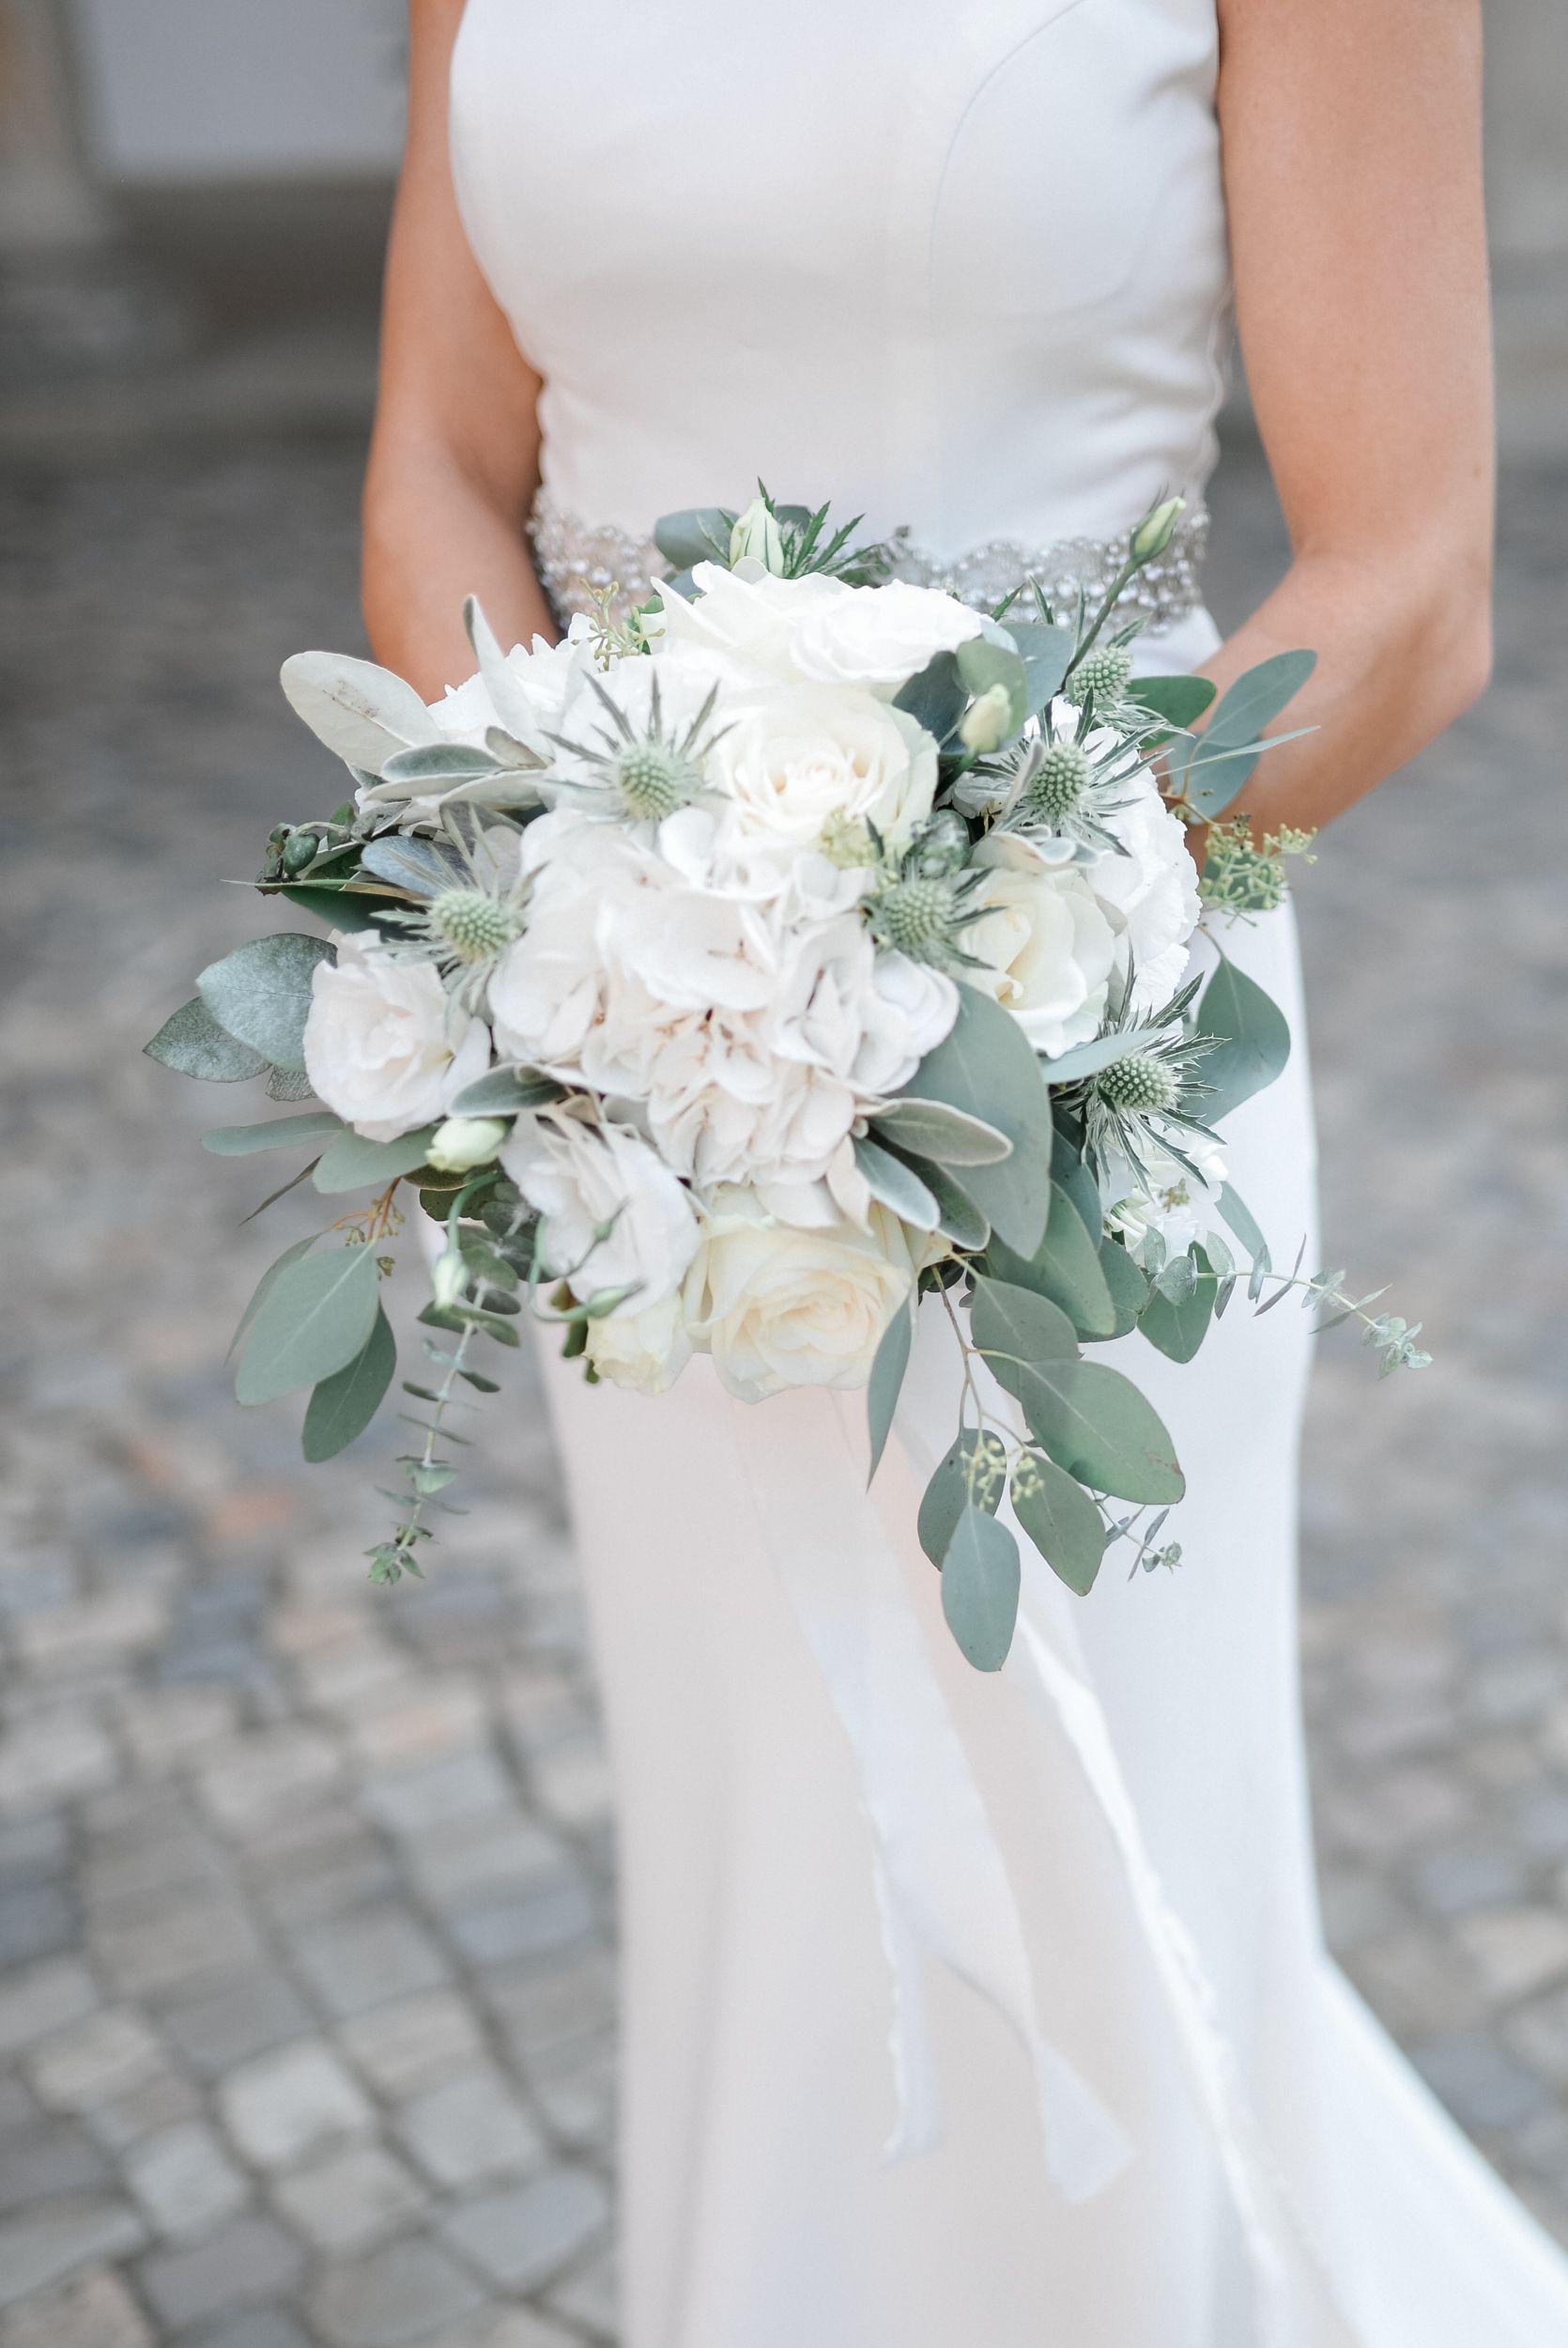 Best of Weddings - Anma Koy Photography - Fine Art Weddings #whiteweddingflowers